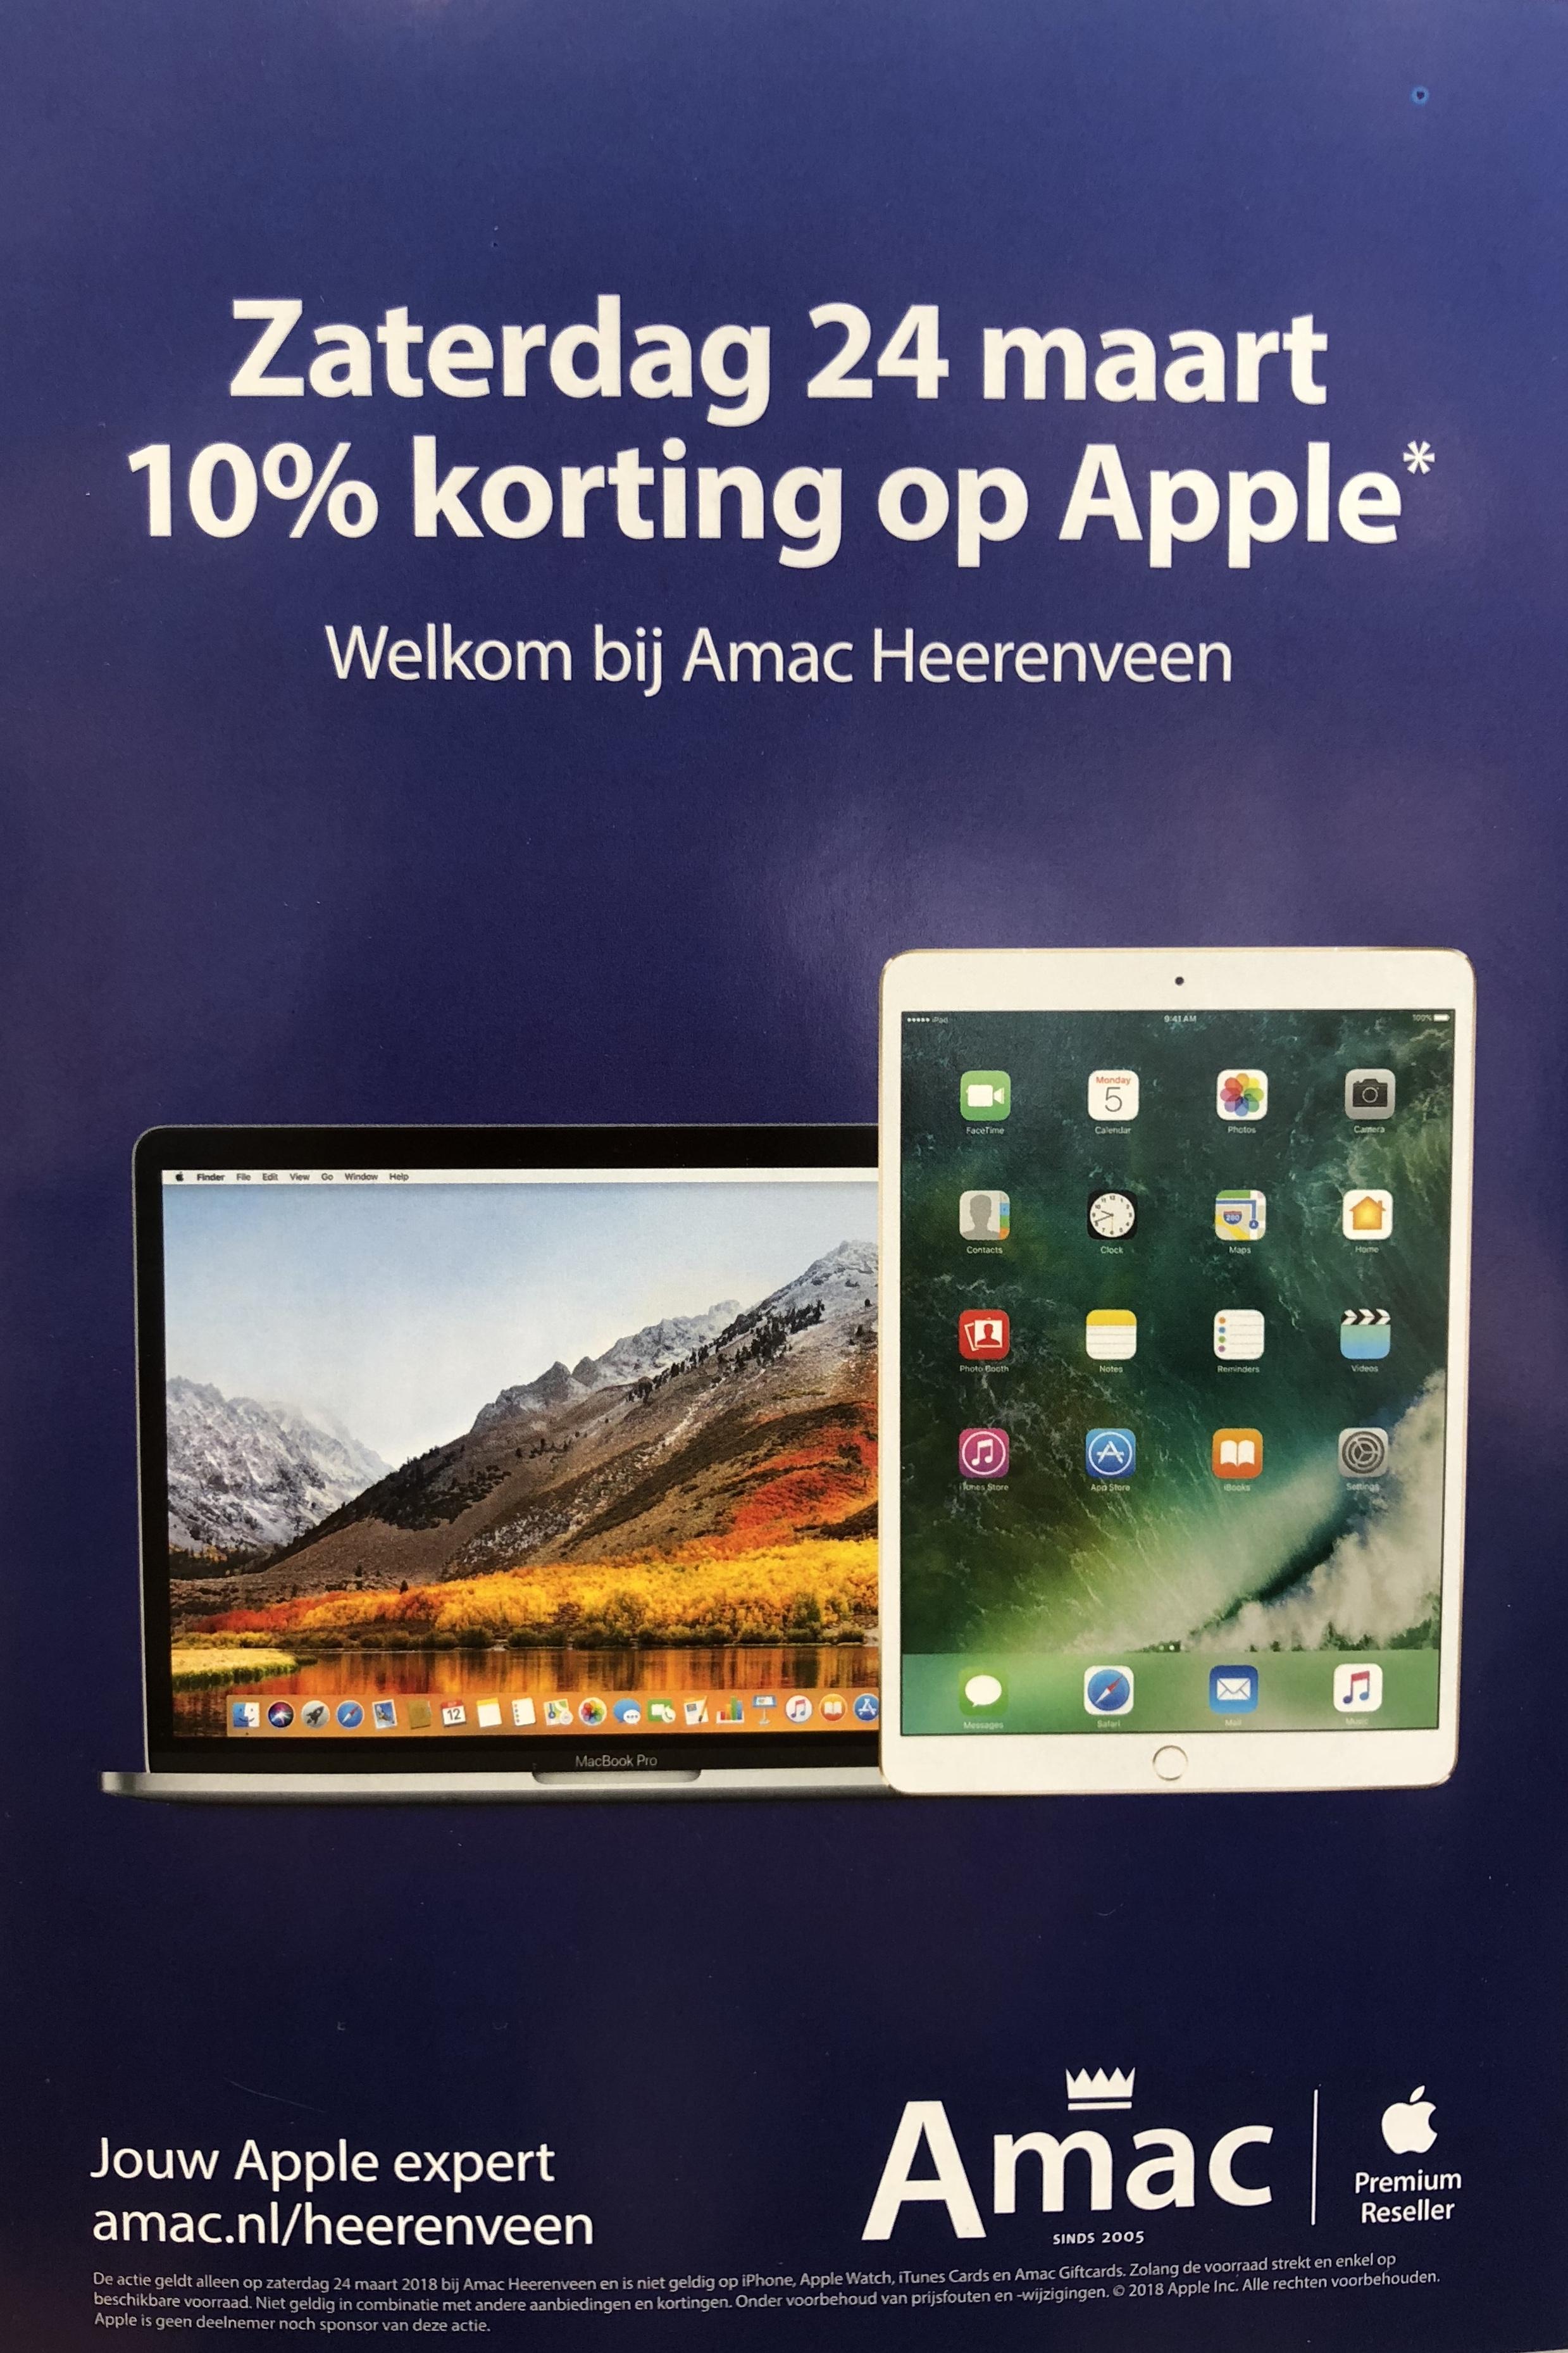 10% korting op Apple! Gratis Belkin Screenprotector t.w.v. €24,95 bij Amac Heerenveen